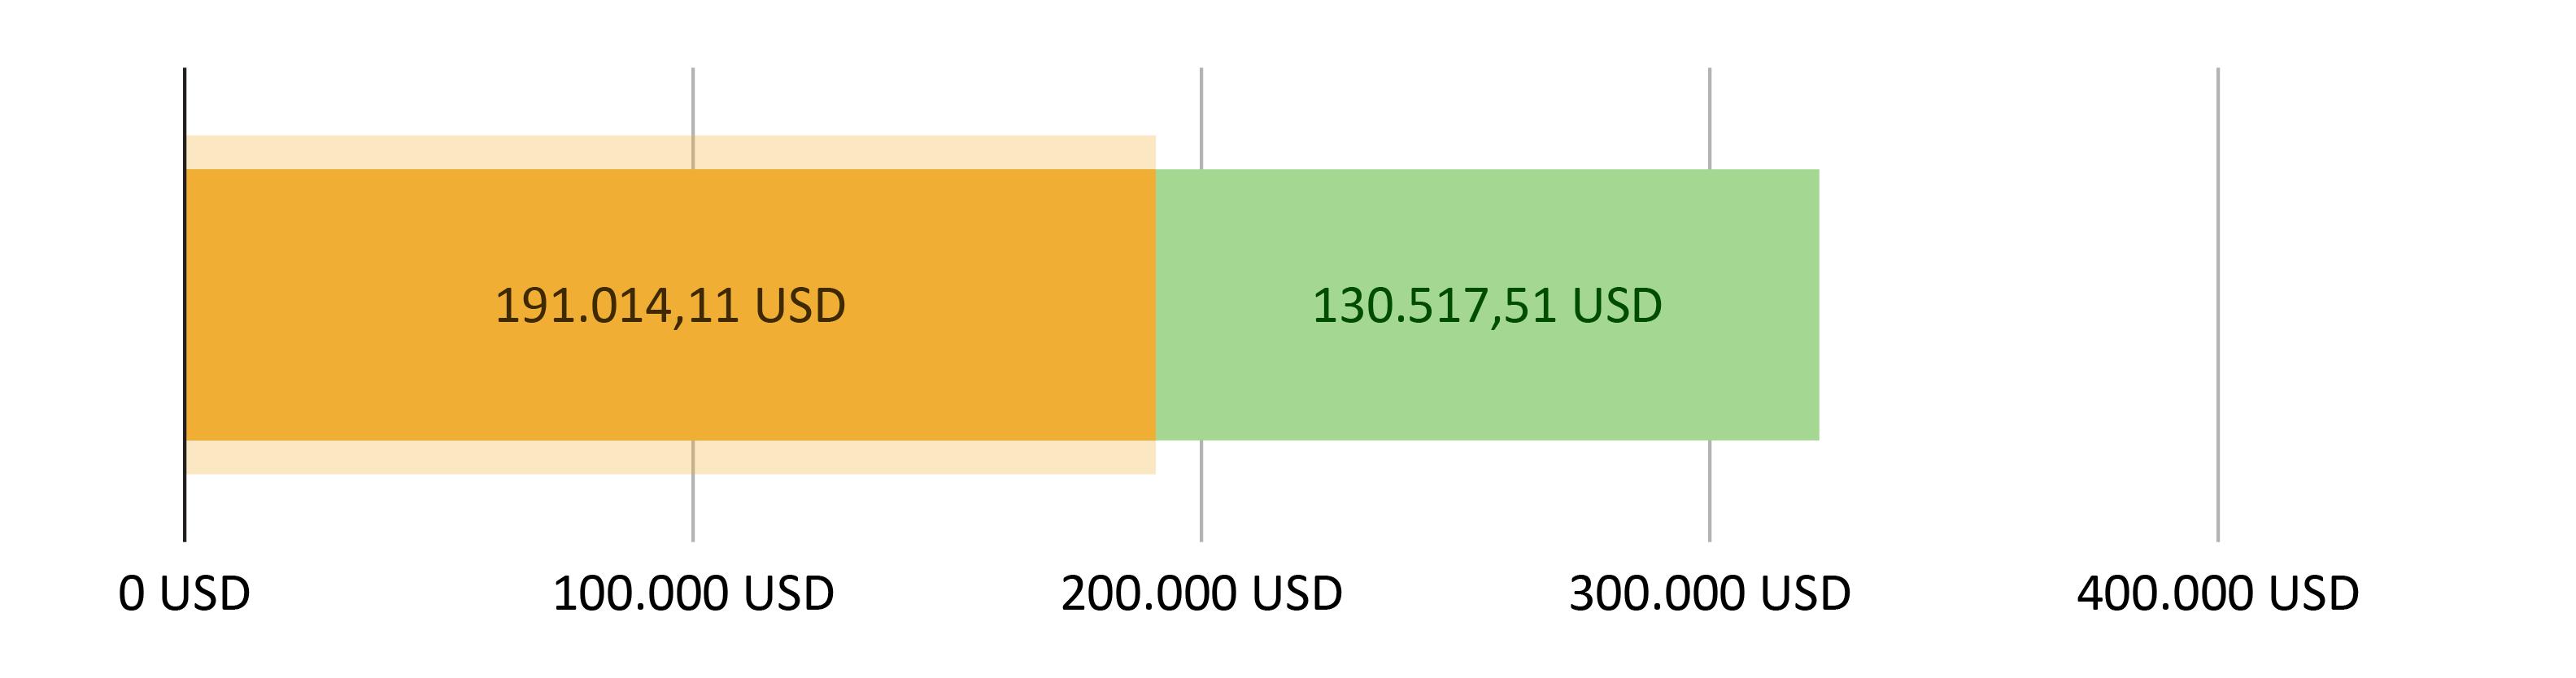 Eddig kapott adományok: 191,014.11; fennmaradó összeg: XX USD.